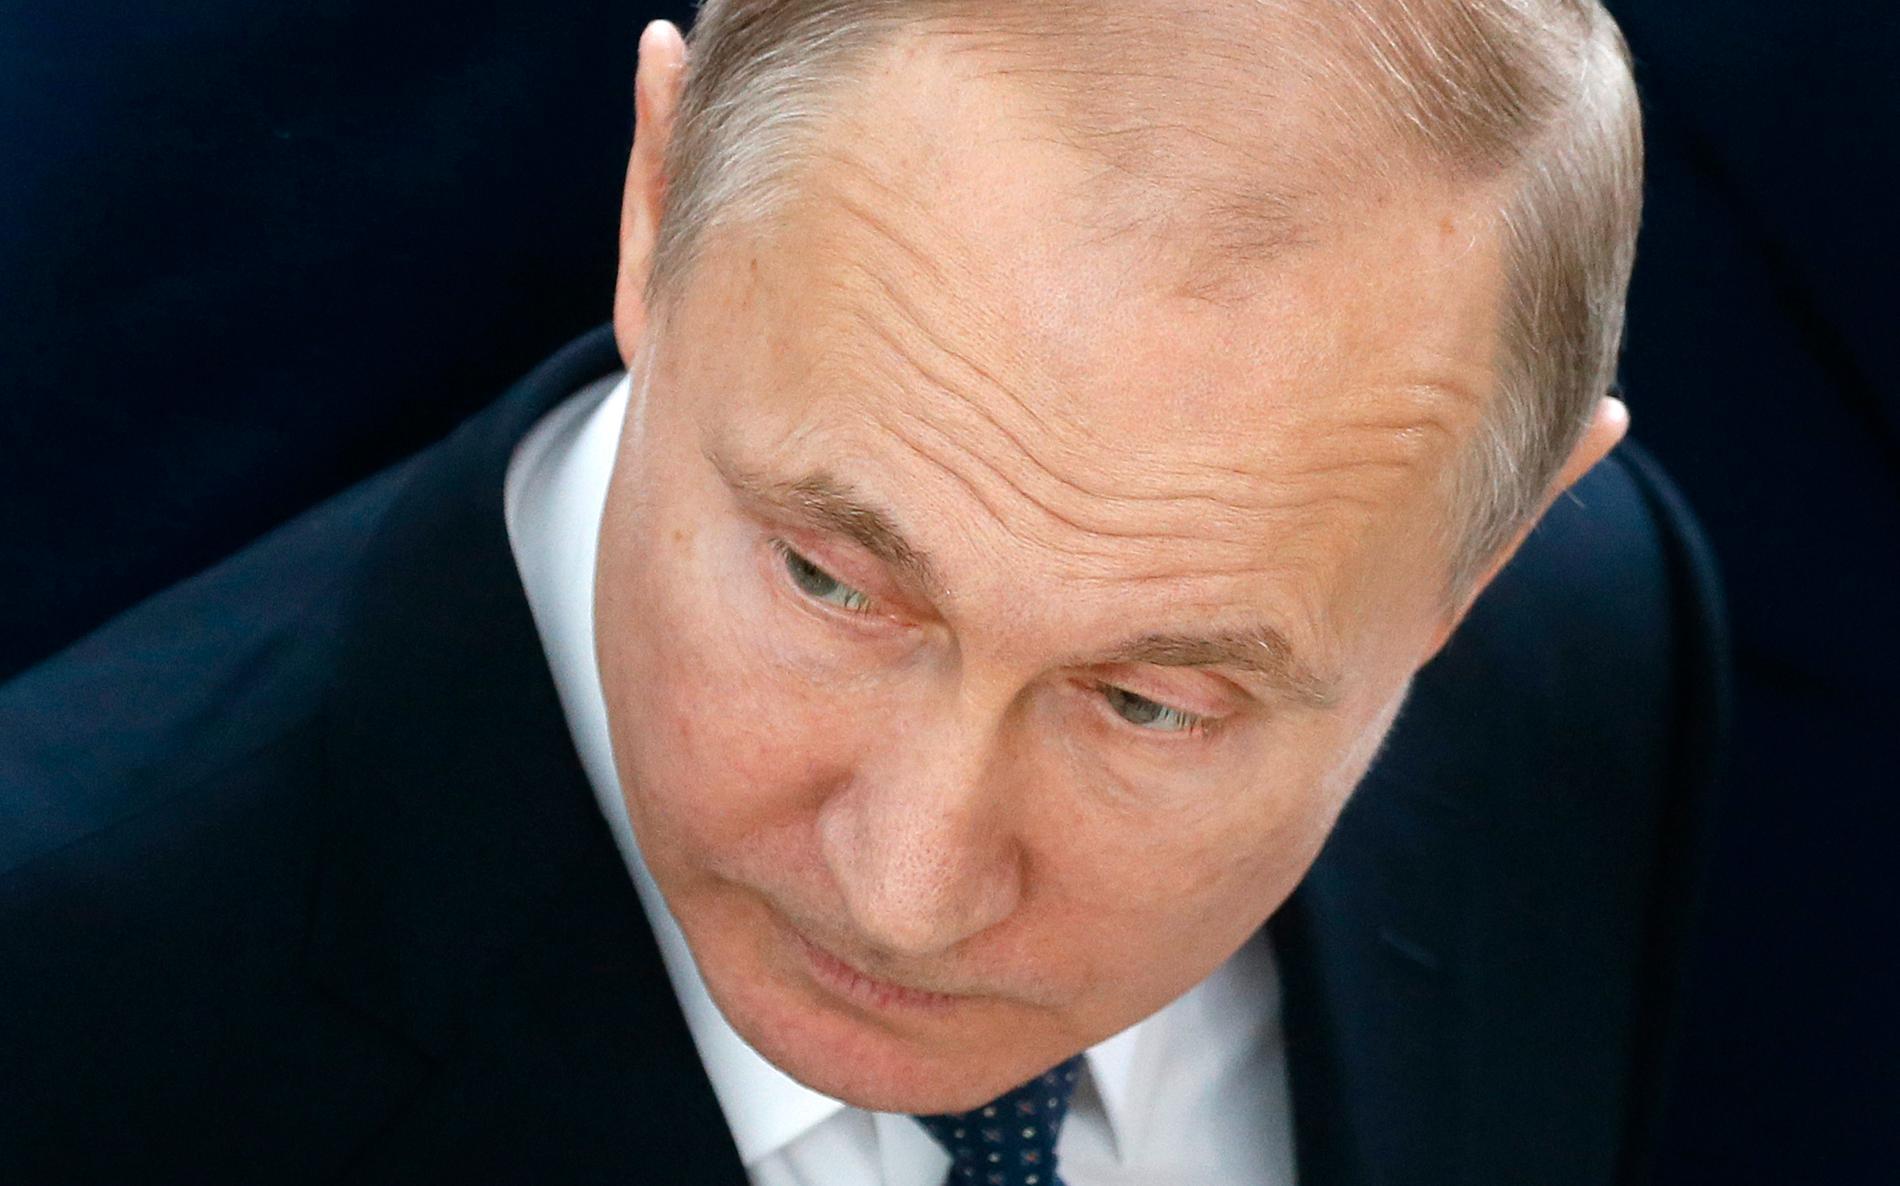 Rysslands president Vladimir Putin kallar attacken i Syrien för aggressiv.